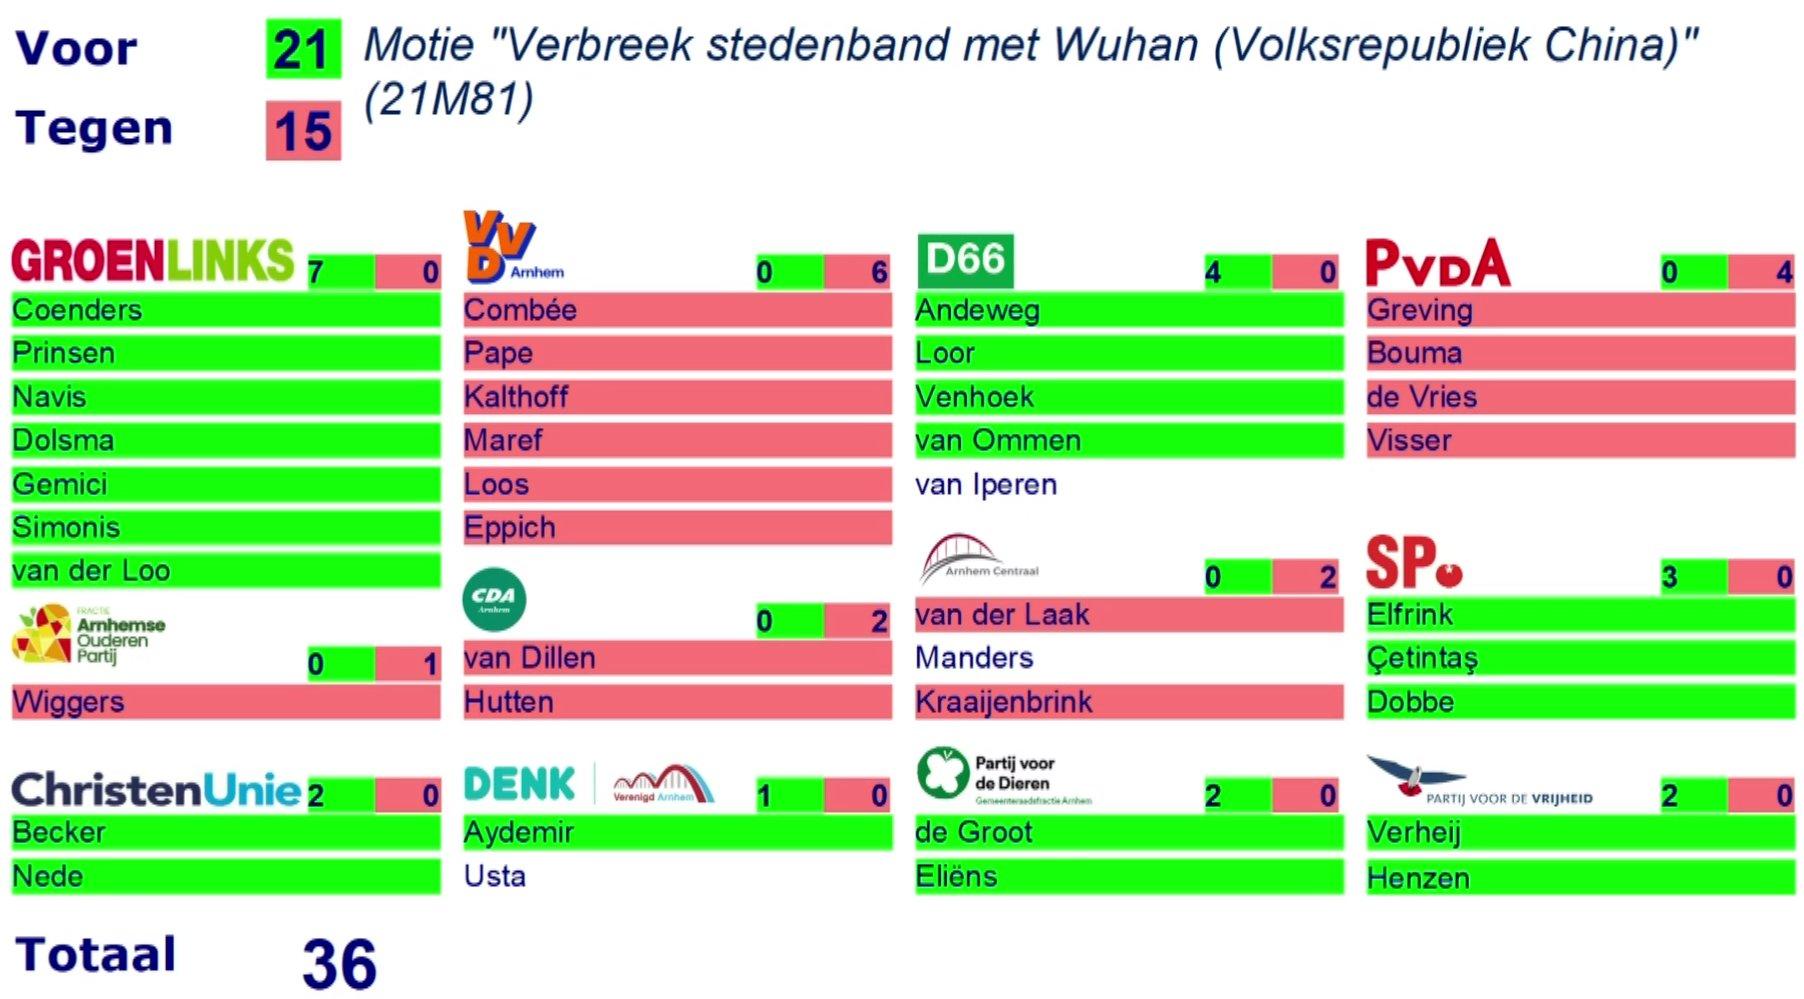 De stemmingsuitslag over de motie om de stedenband met Wuhan te verbreken. 21 stemmen waren voor, van GroenLinks, D66, SP, ChristenUnie, Denk/VA, PvdD en PVV. 15 stemmen waren tegen, van VVD, PvdA, AOP, CDA en Arnhem Centraal.